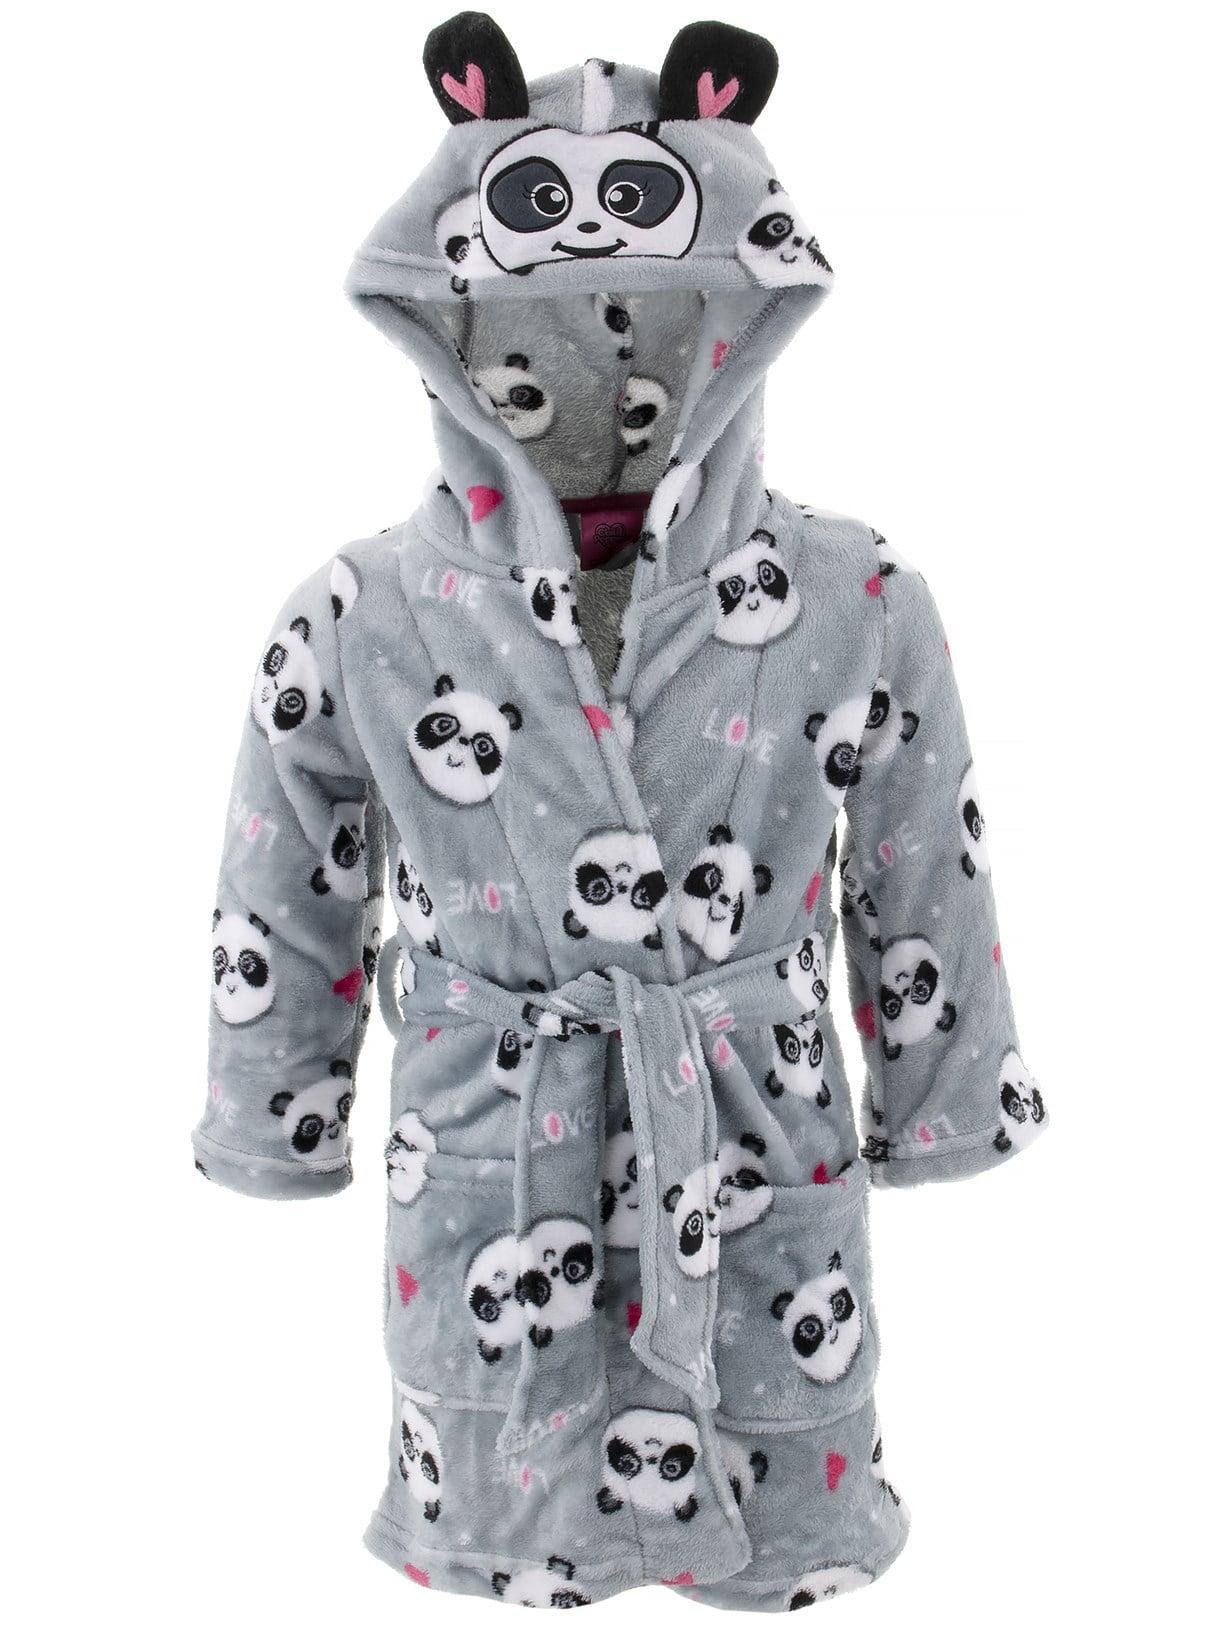 Chili Peppers Girls Gray Robe Panda Fleece Hooded Character Bathrobe